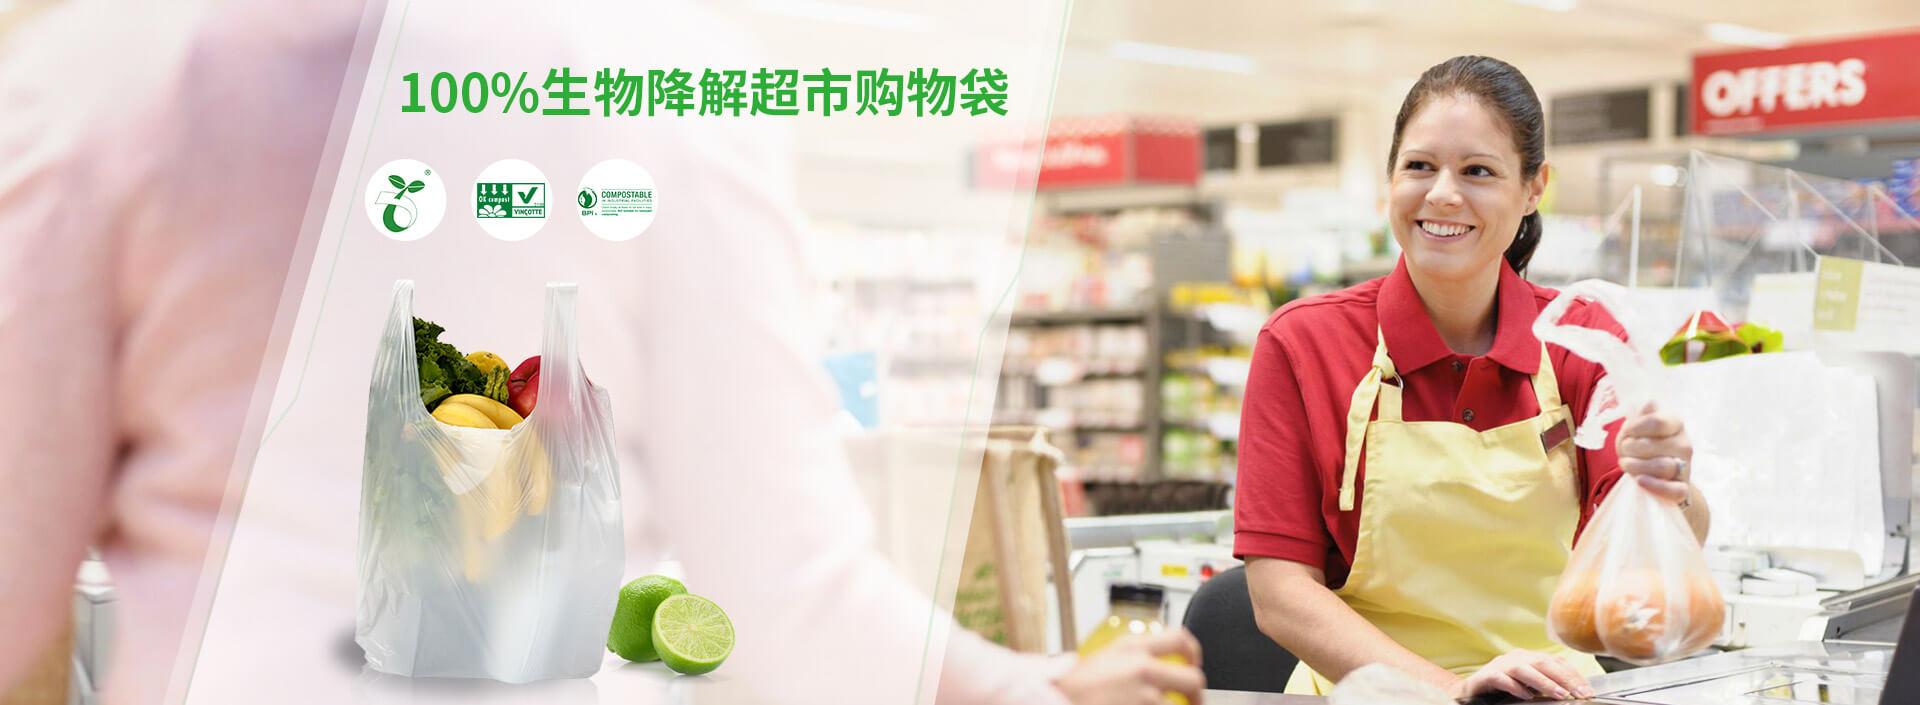 100%生物降解超市购物袋